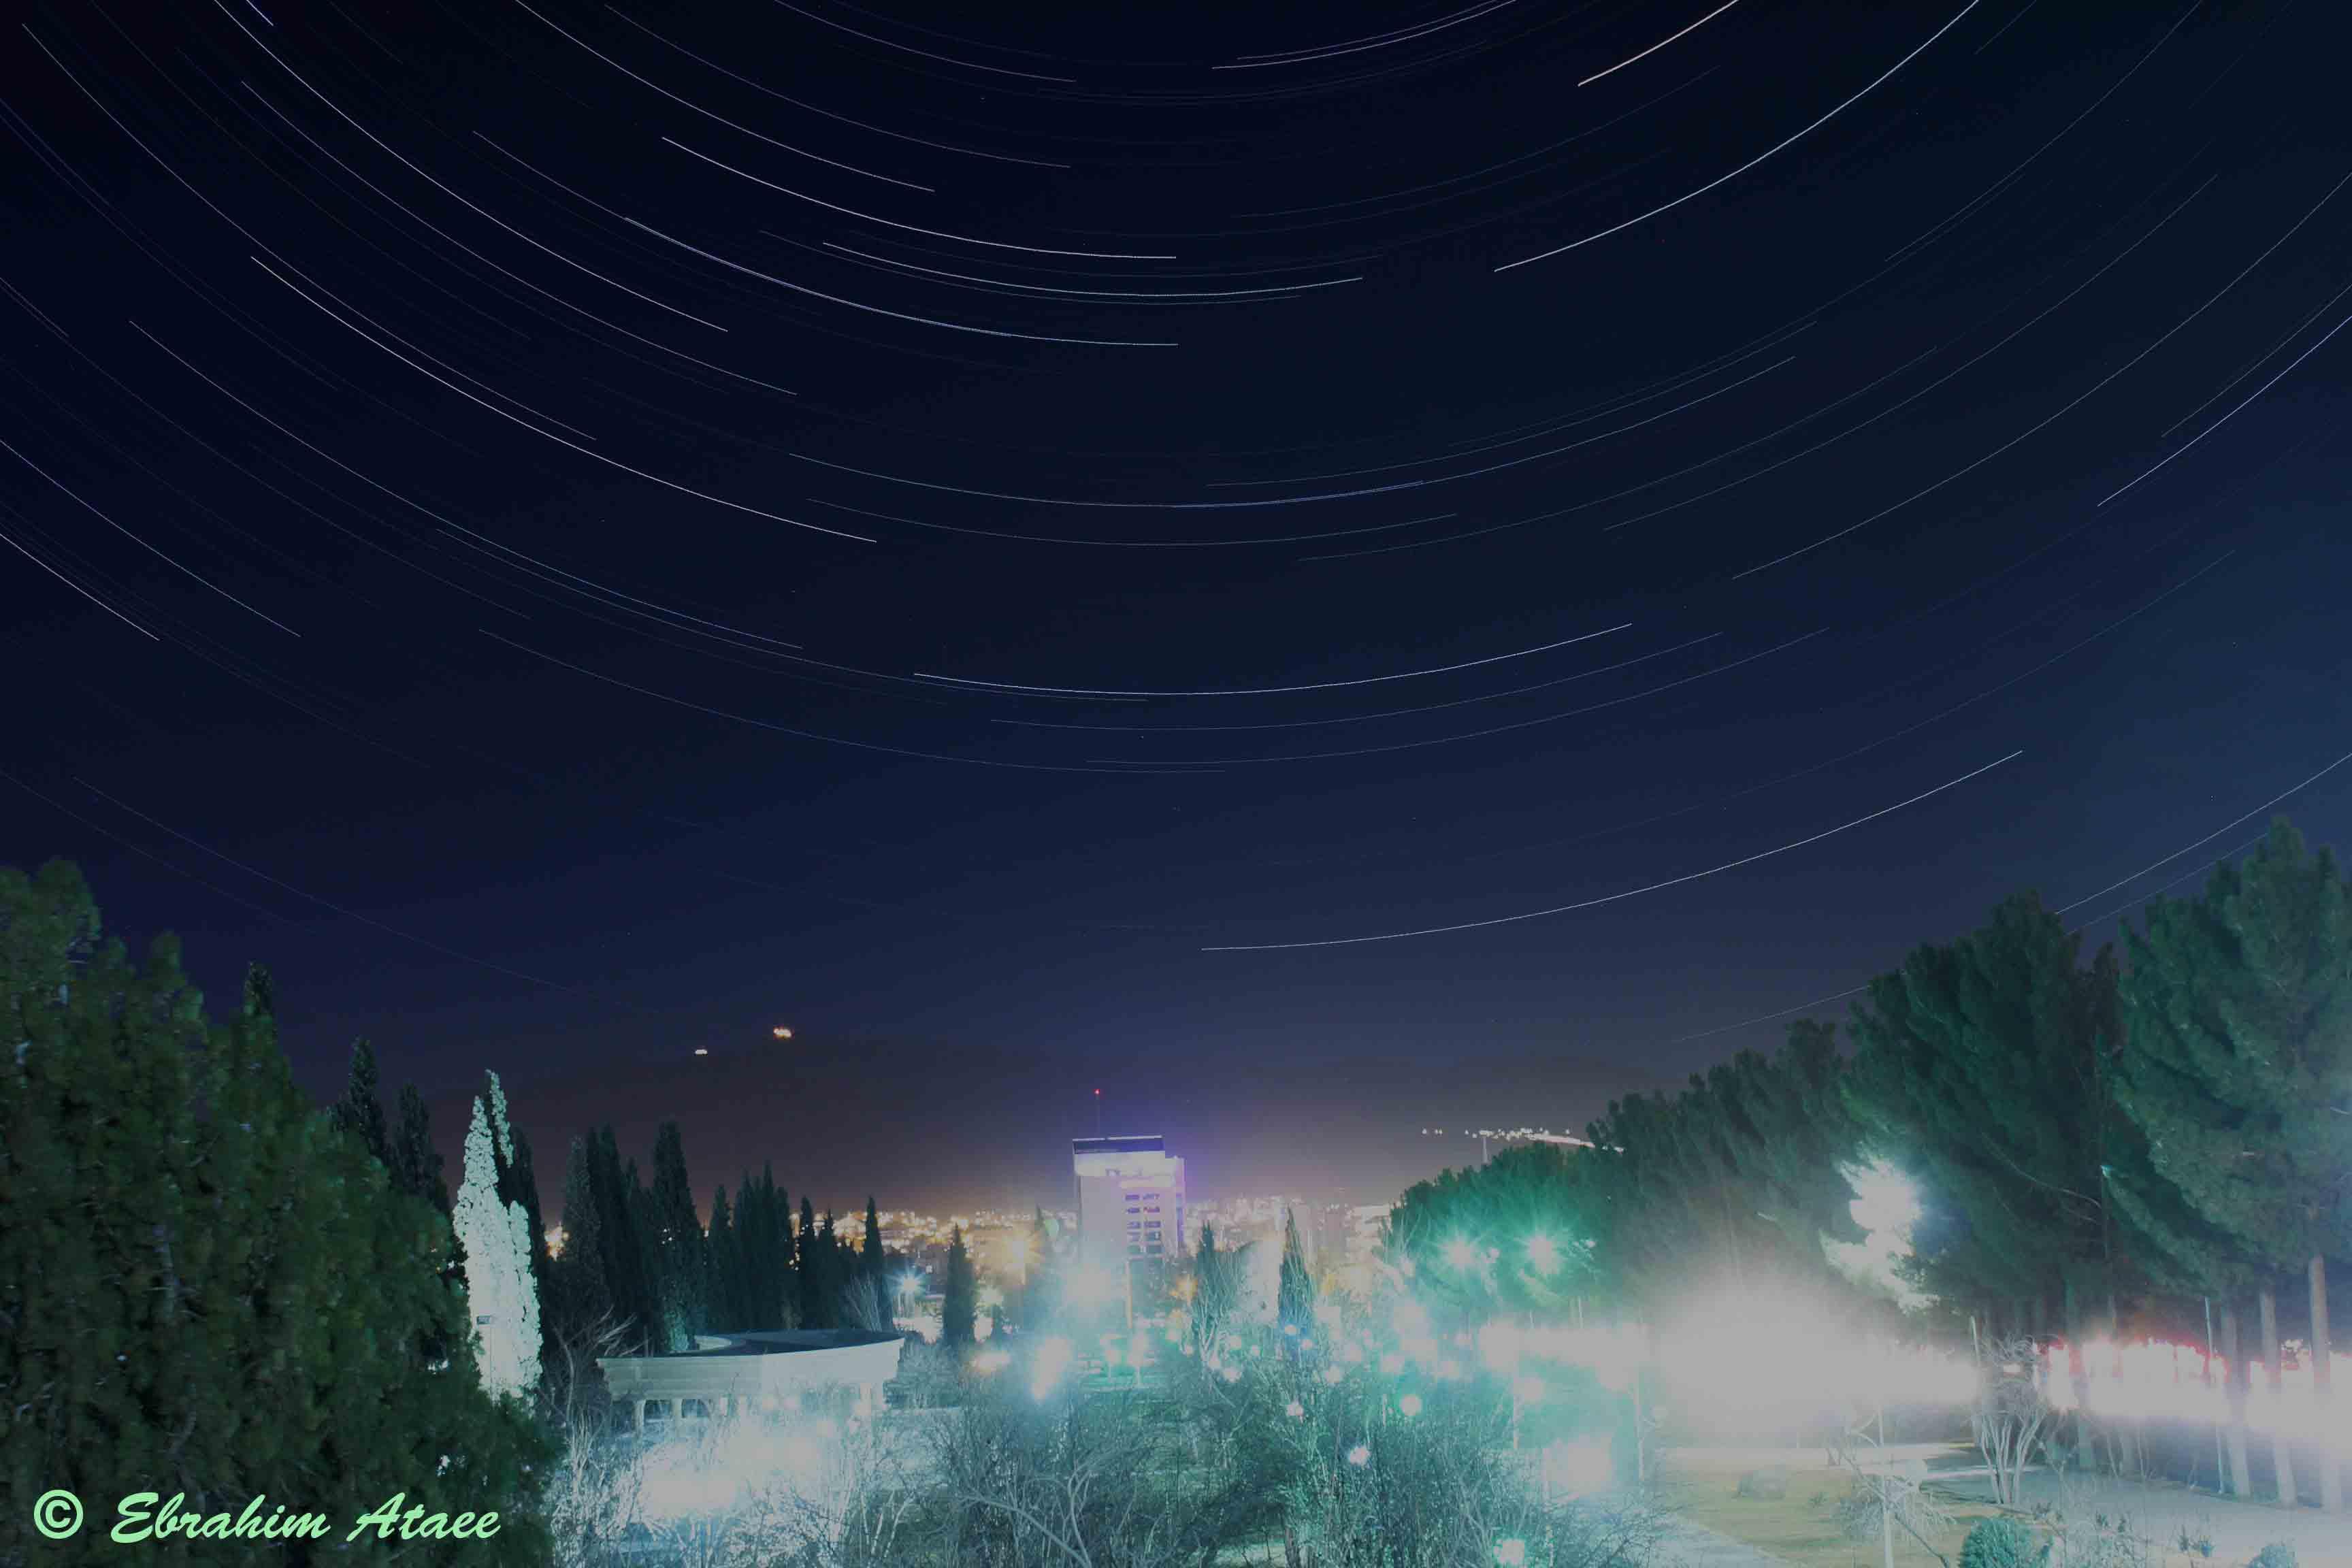 پارک توحید بیرجند رد ستارگان اثر ابراهیم عطائی